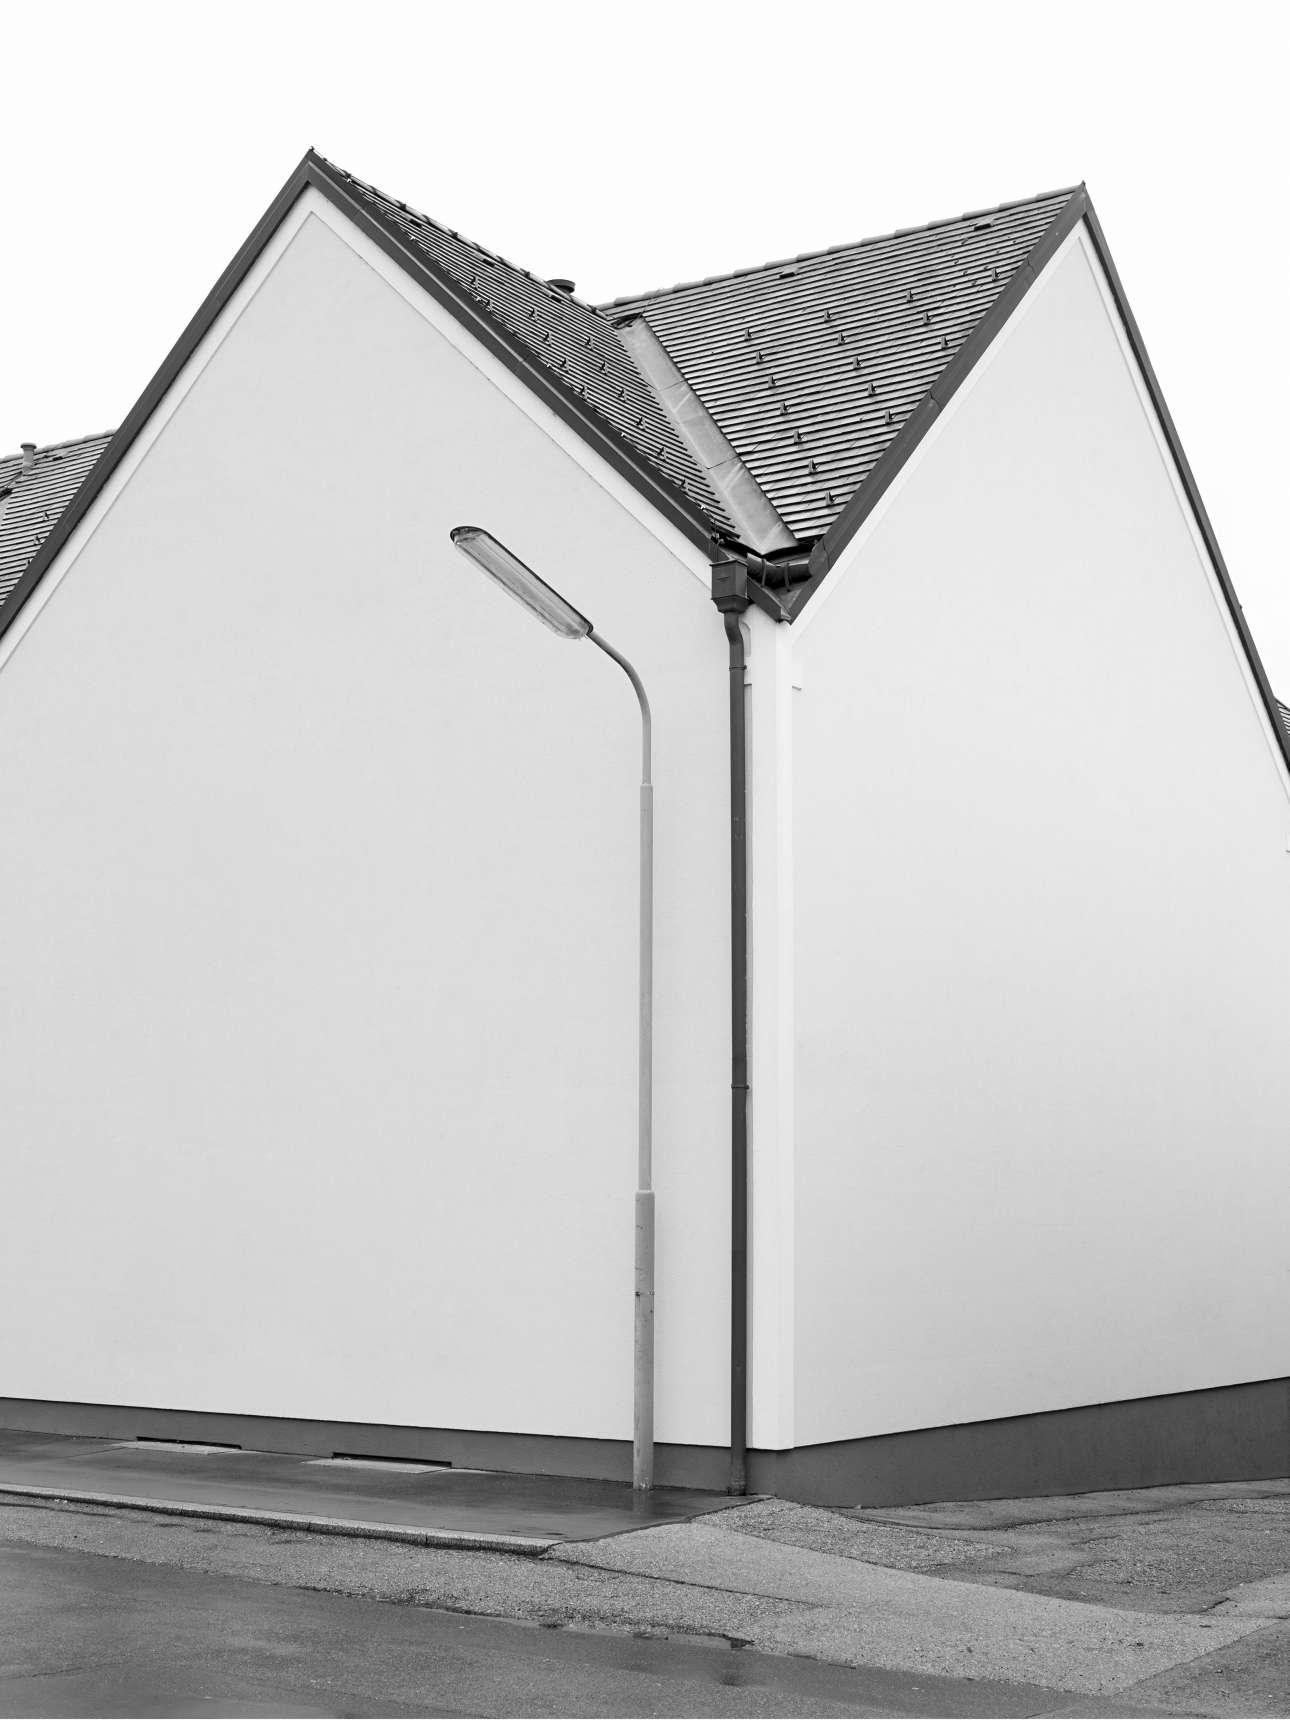 Πρώτη θέση, κατηγορία Αρχιτεκτονική. Καθαρά γεωμετρικά, συμπαγή σχήματα σε ένα κτίριο στη Βιέννη. Η ιταλίδα φωτογράφος με το πρότζεκτ της «Κτίρια» ερευνά αρχέτυπες μορφές της αρχιτεκτονικής και θέτει ερωτήματα σχετικά με τη λειτουργία των κτιρίων και την προσβασιμότητα της αρχιτεκτονικής τόσο στον δημόσιο όσο και στον ιδιωτικό χώρο